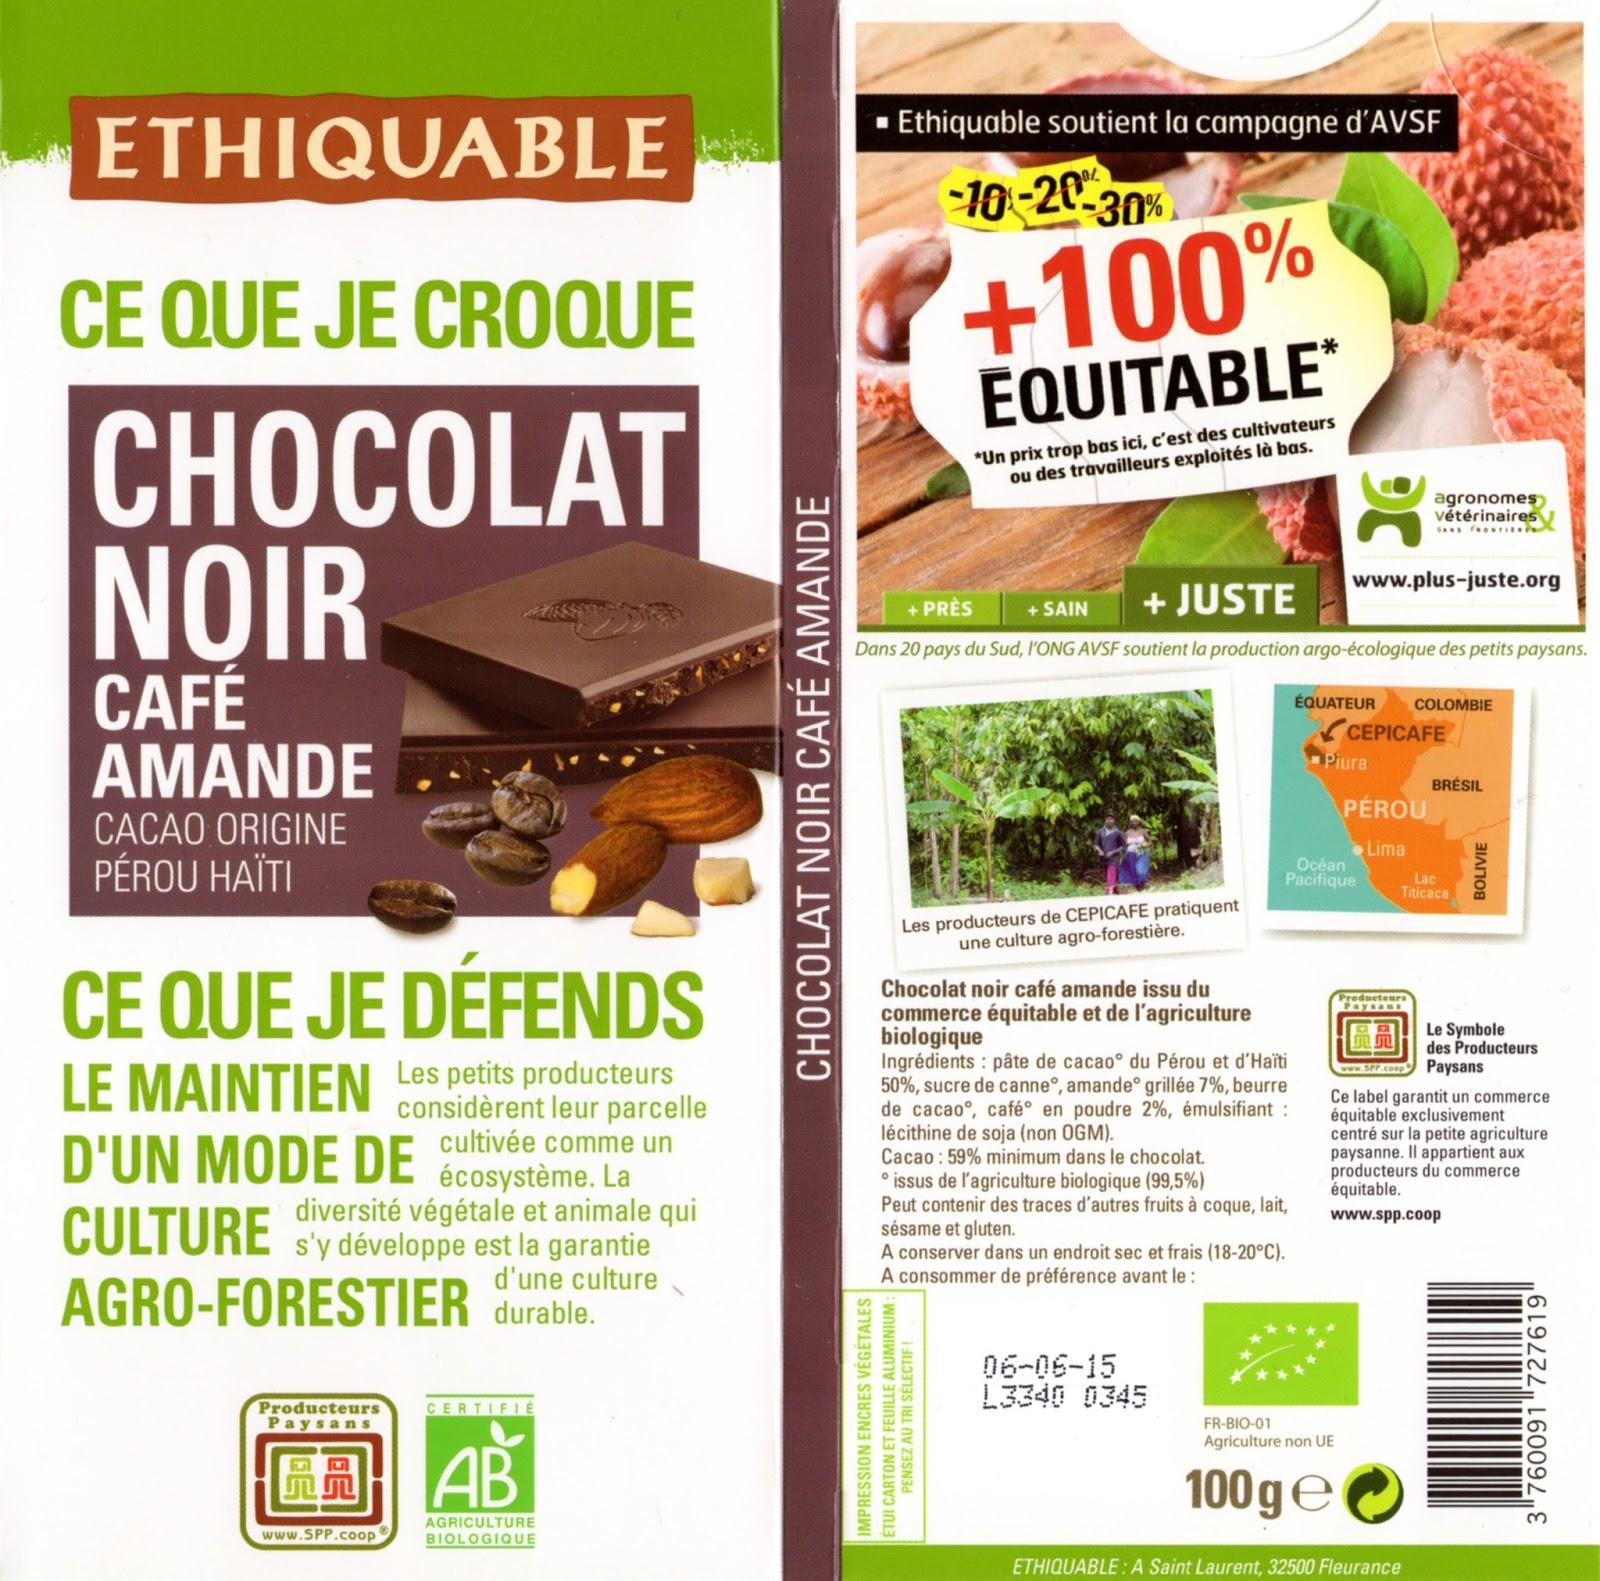 tablette de chocolat noir gourmand ethiquable pérou haïti noir café amande